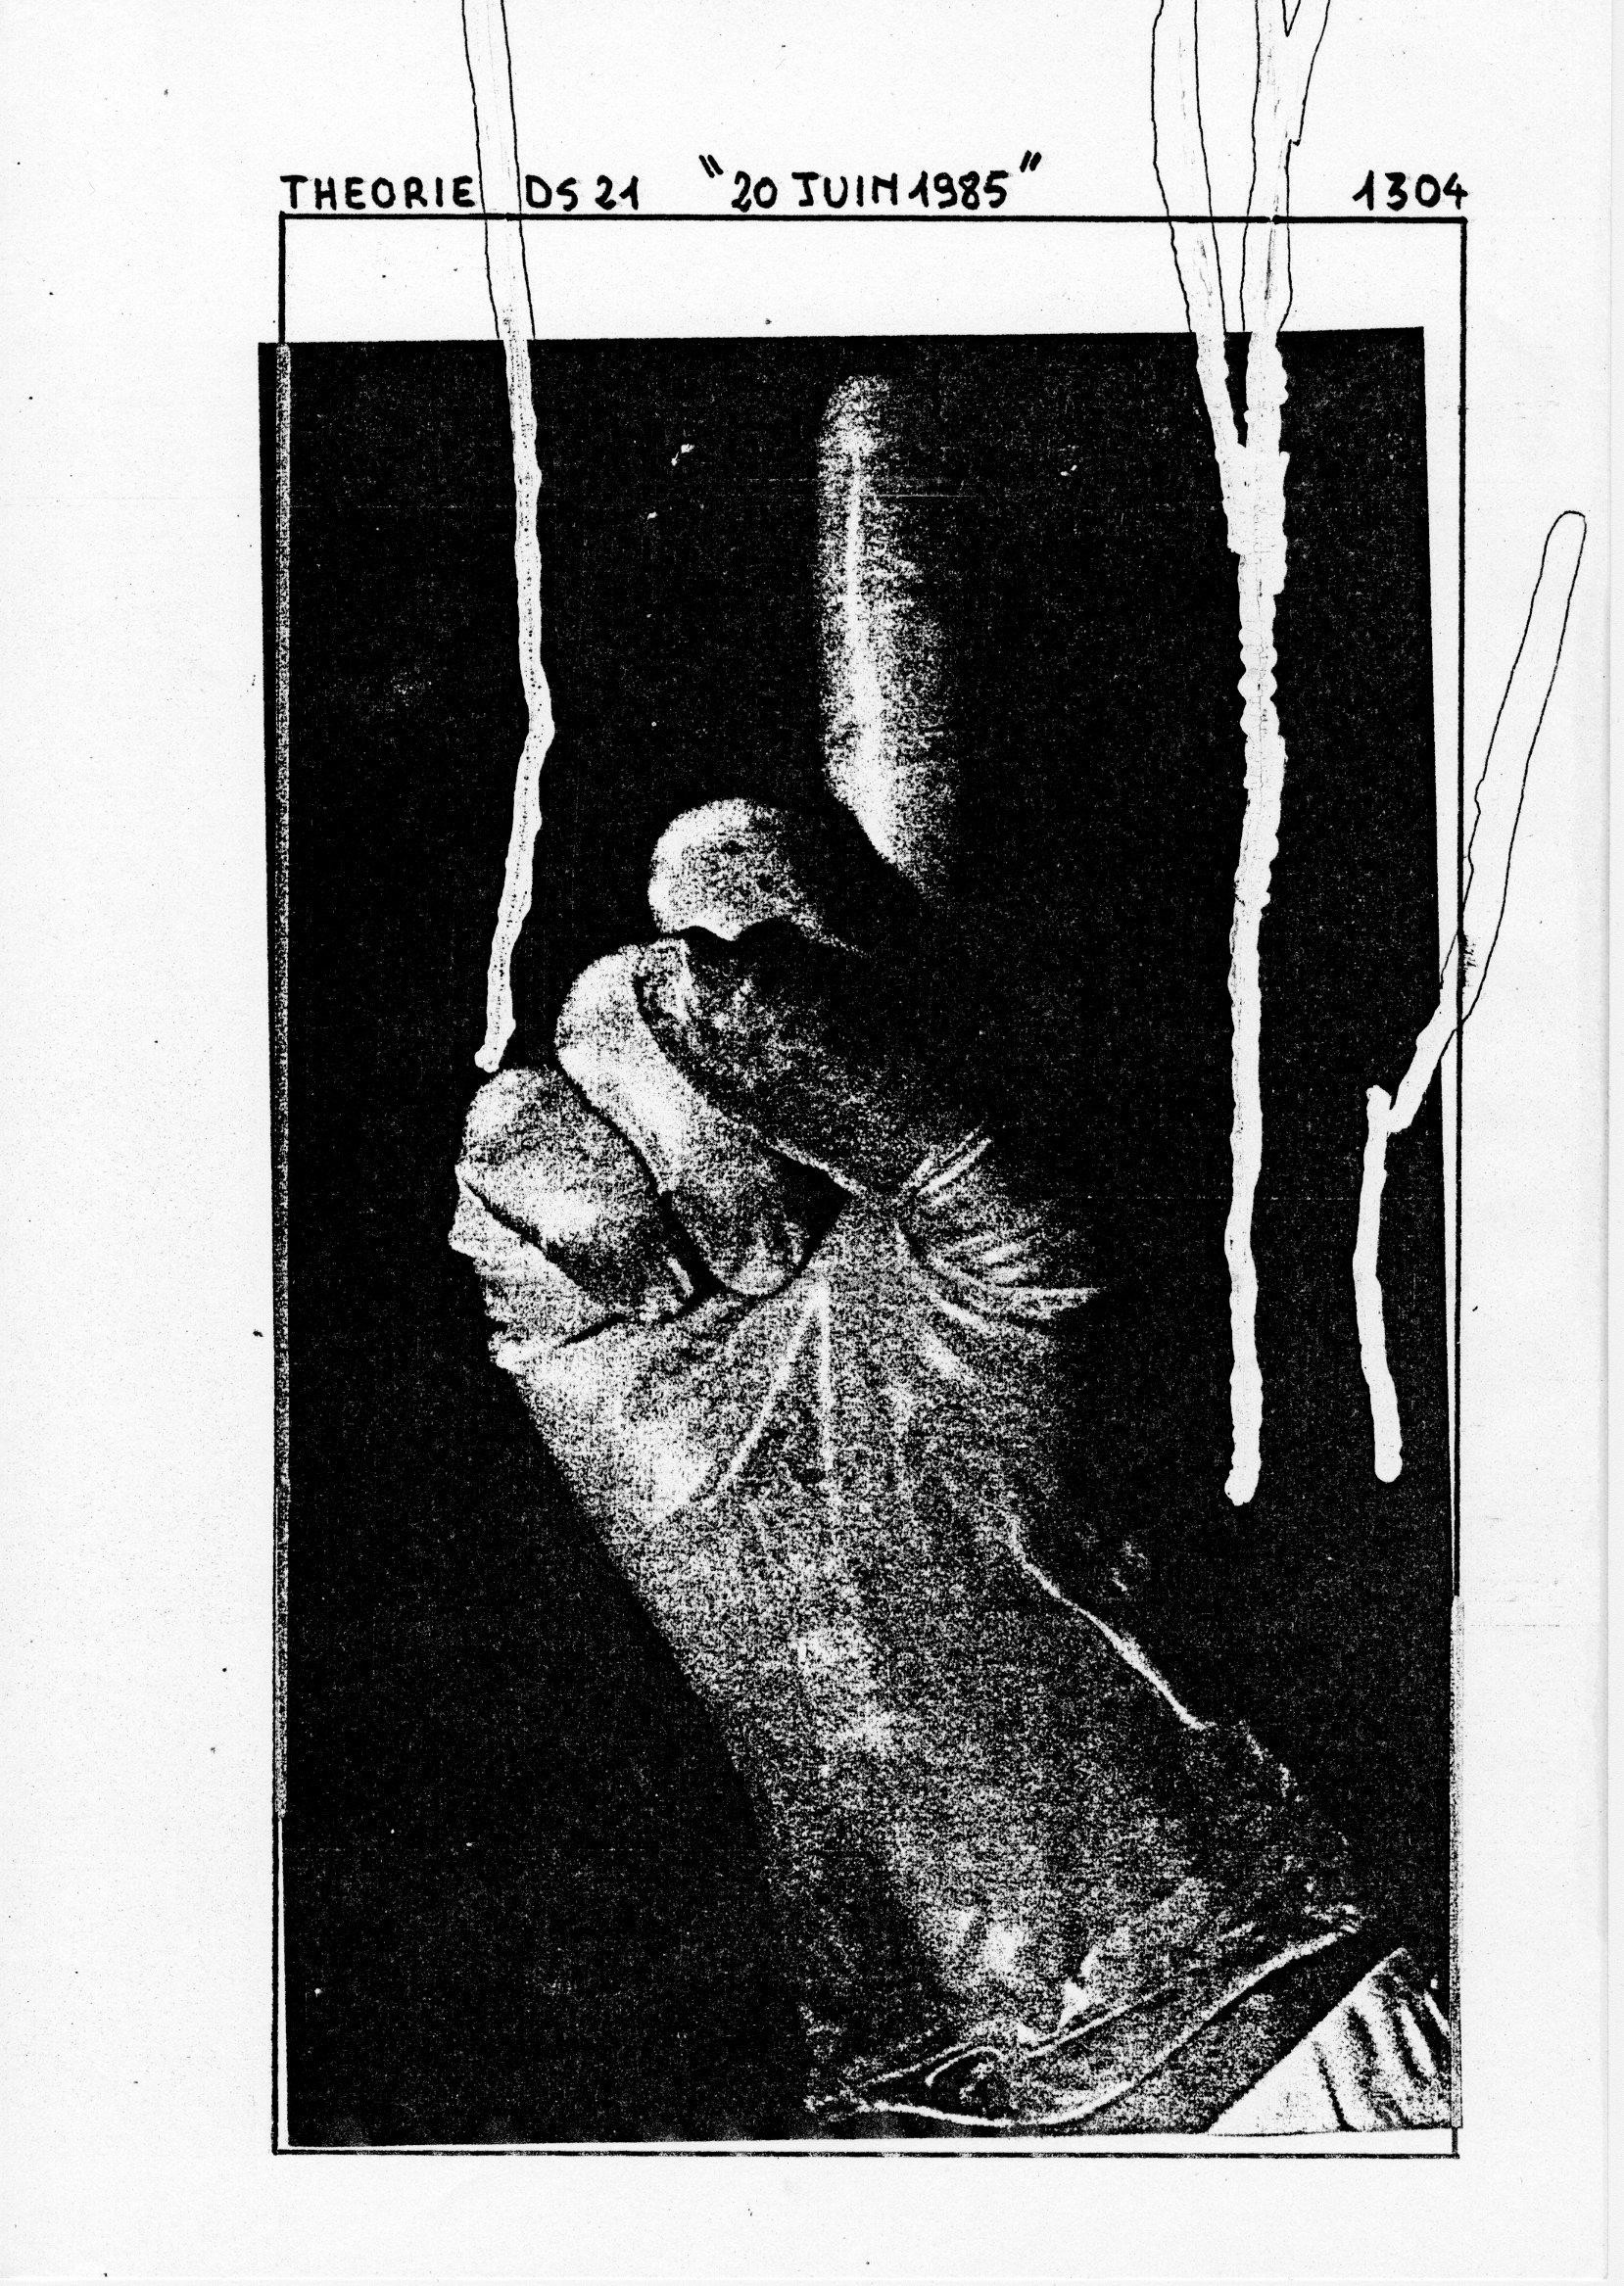 page 1304 Théorie D.S. 21 20 JUIN 1985